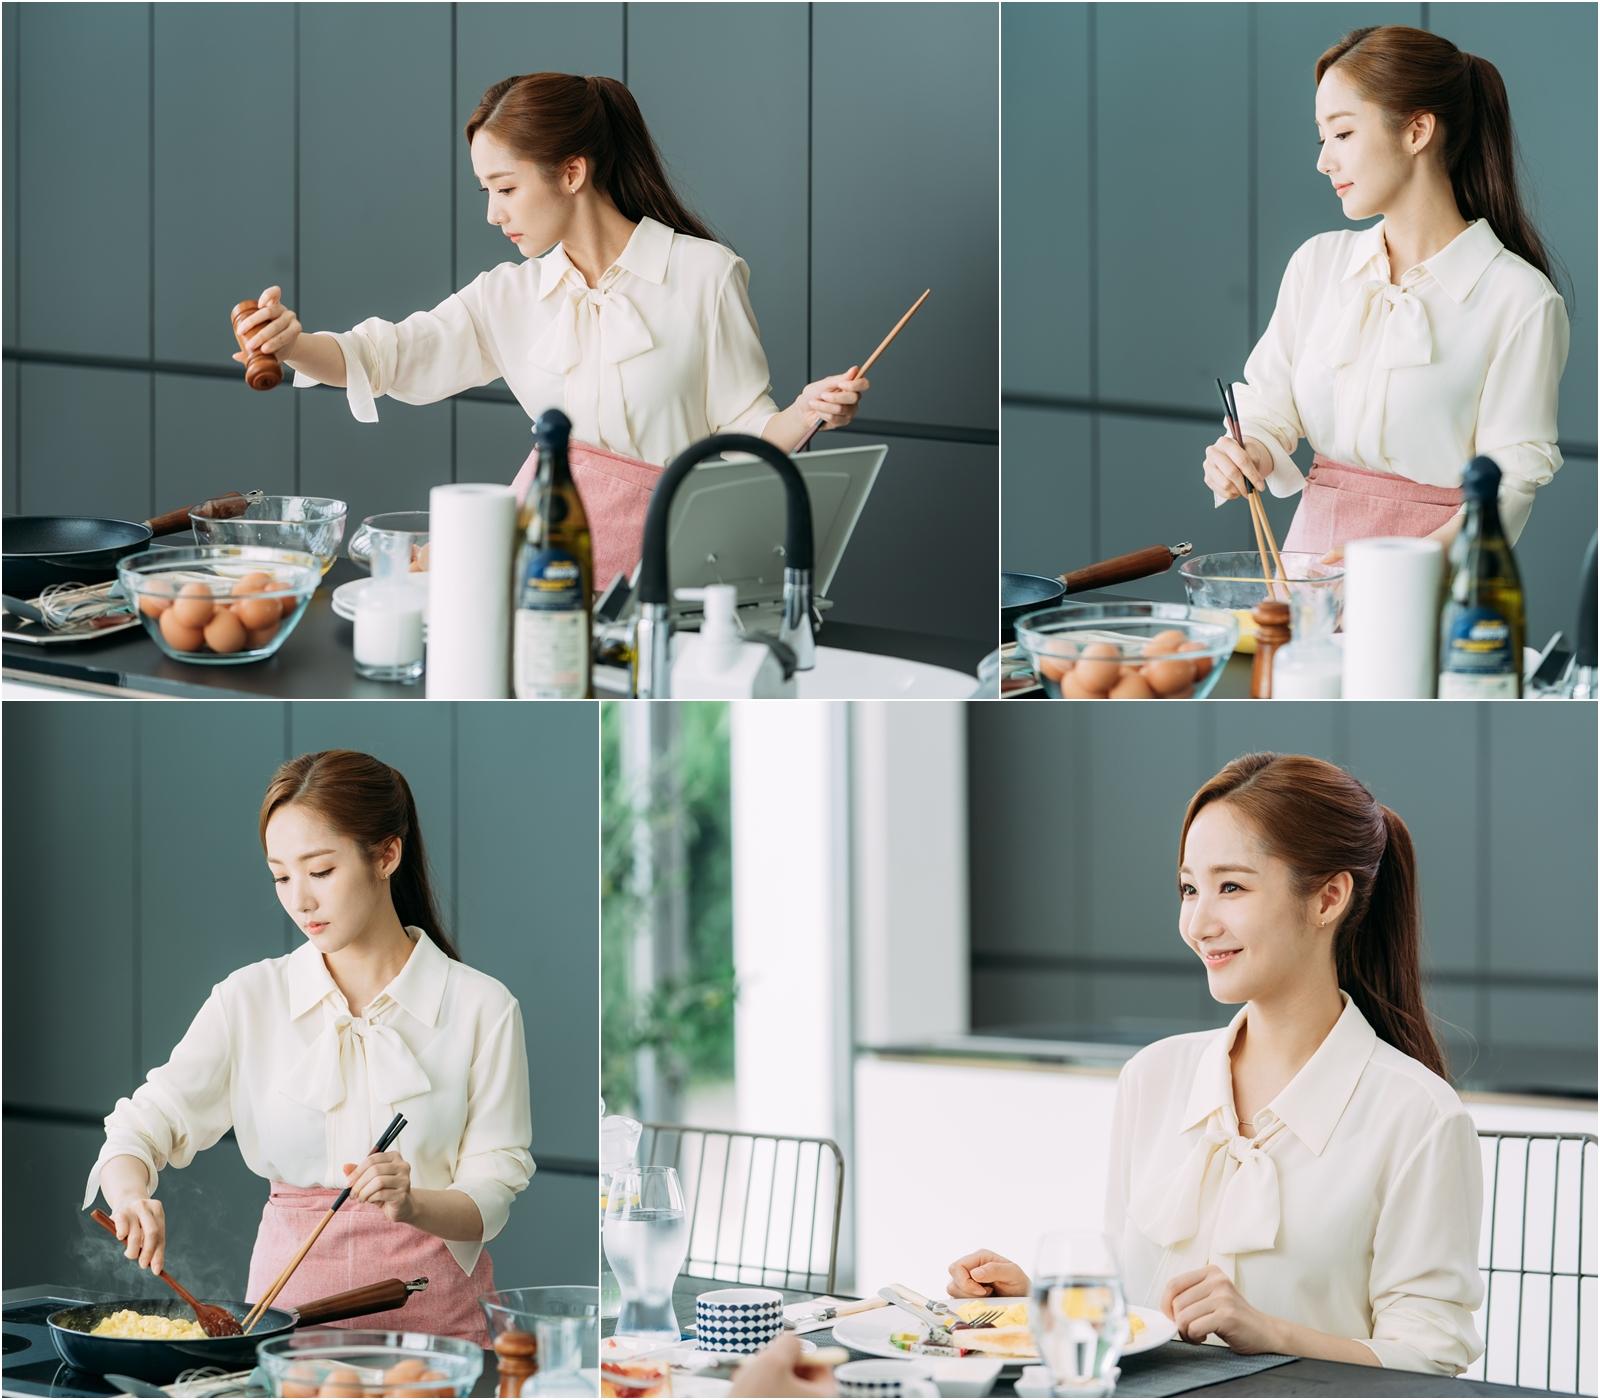 '김비서' 박민영, 일일 셰프로 변신! 과연 요리 실력은?